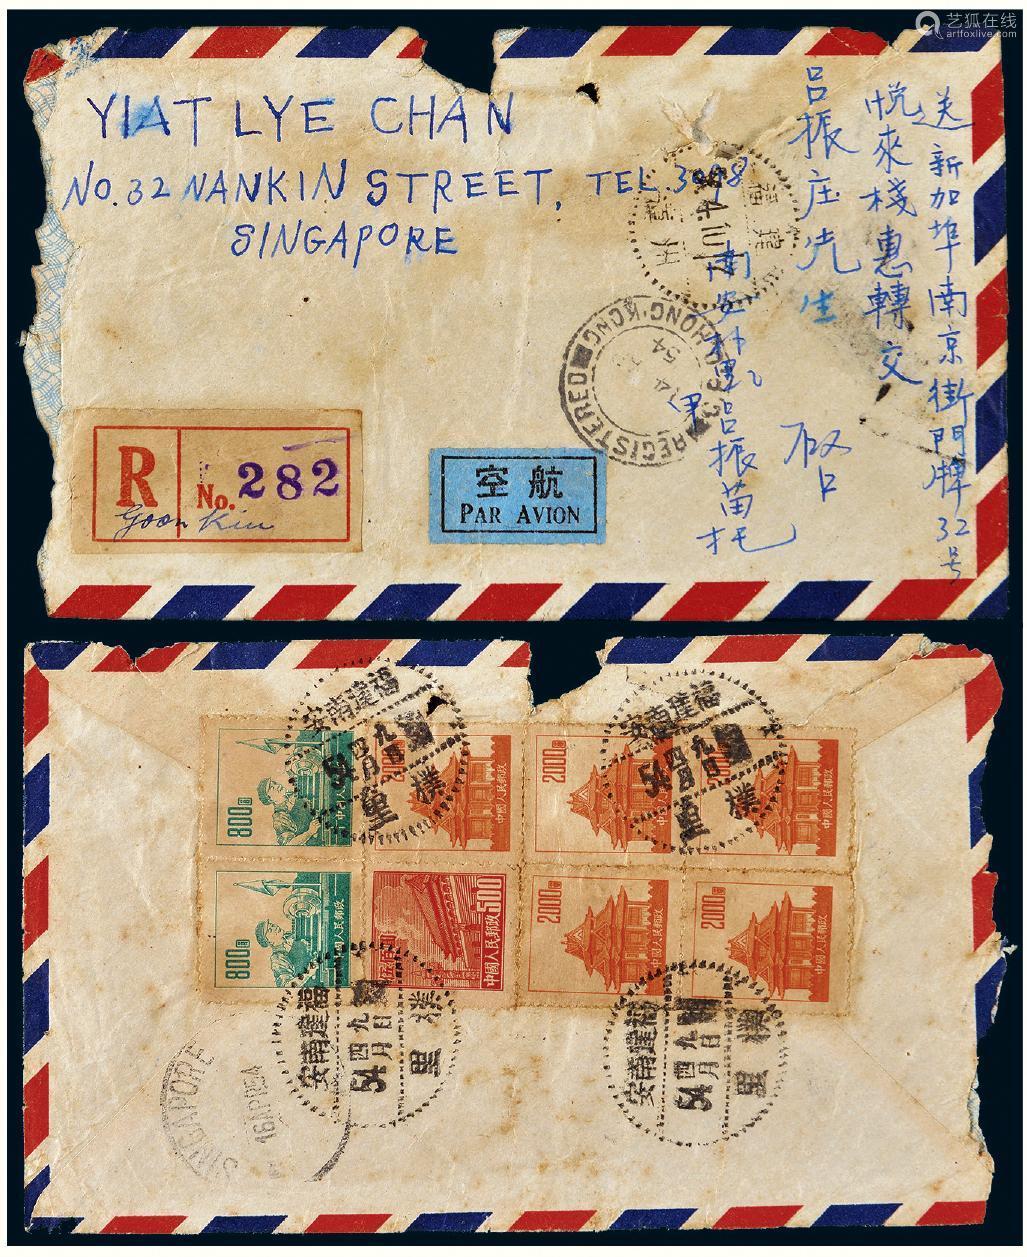 1954年福建寄新加坡航空双挂号封